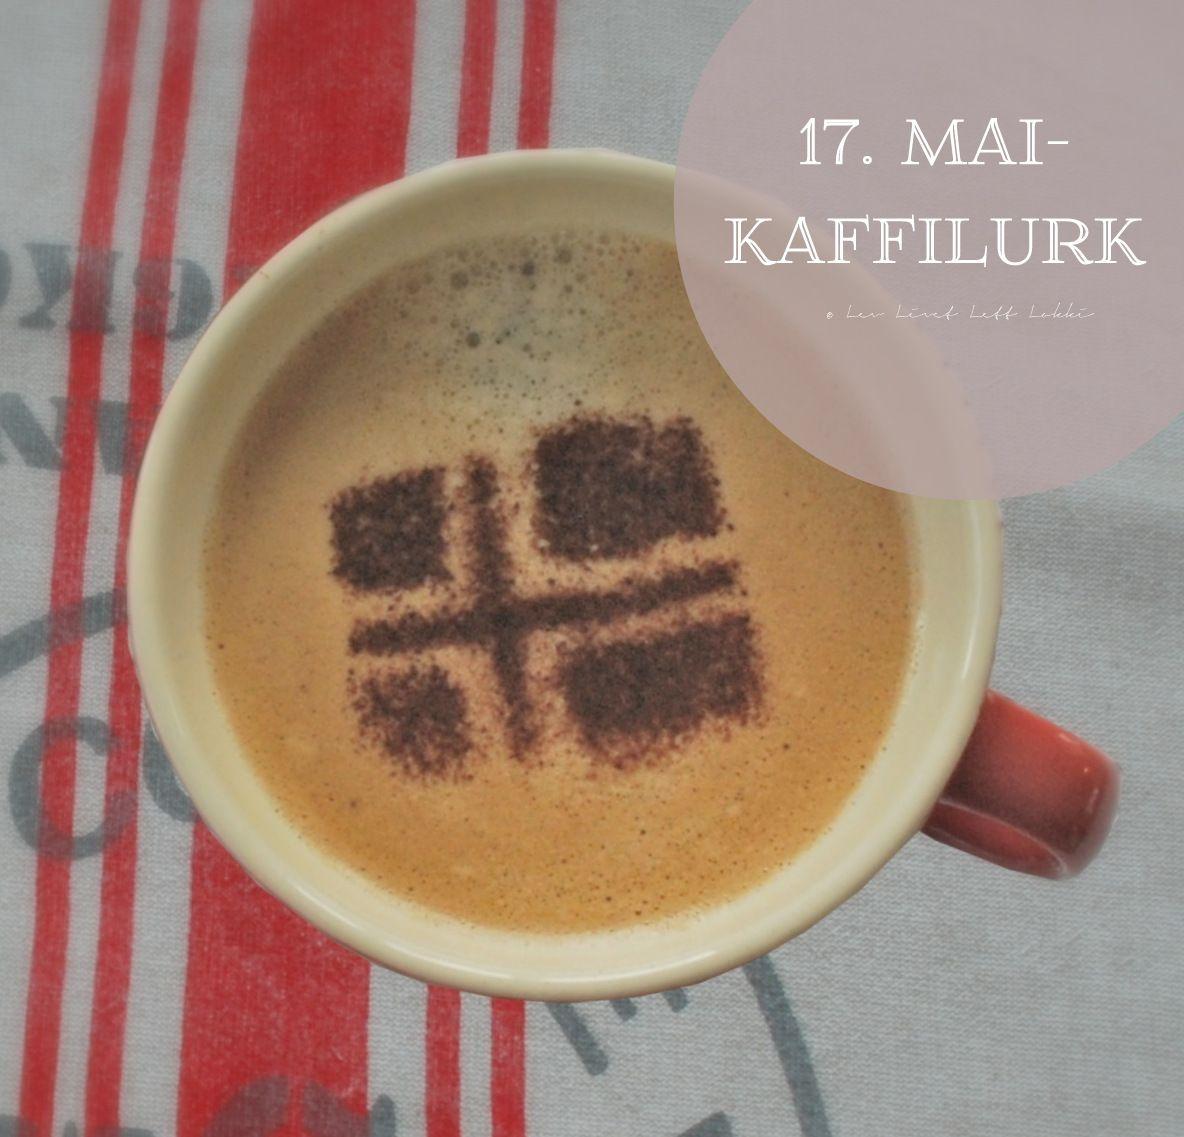 17. mai pynt: 17. mai kaffilurk © Lev Livet Lett Lokki